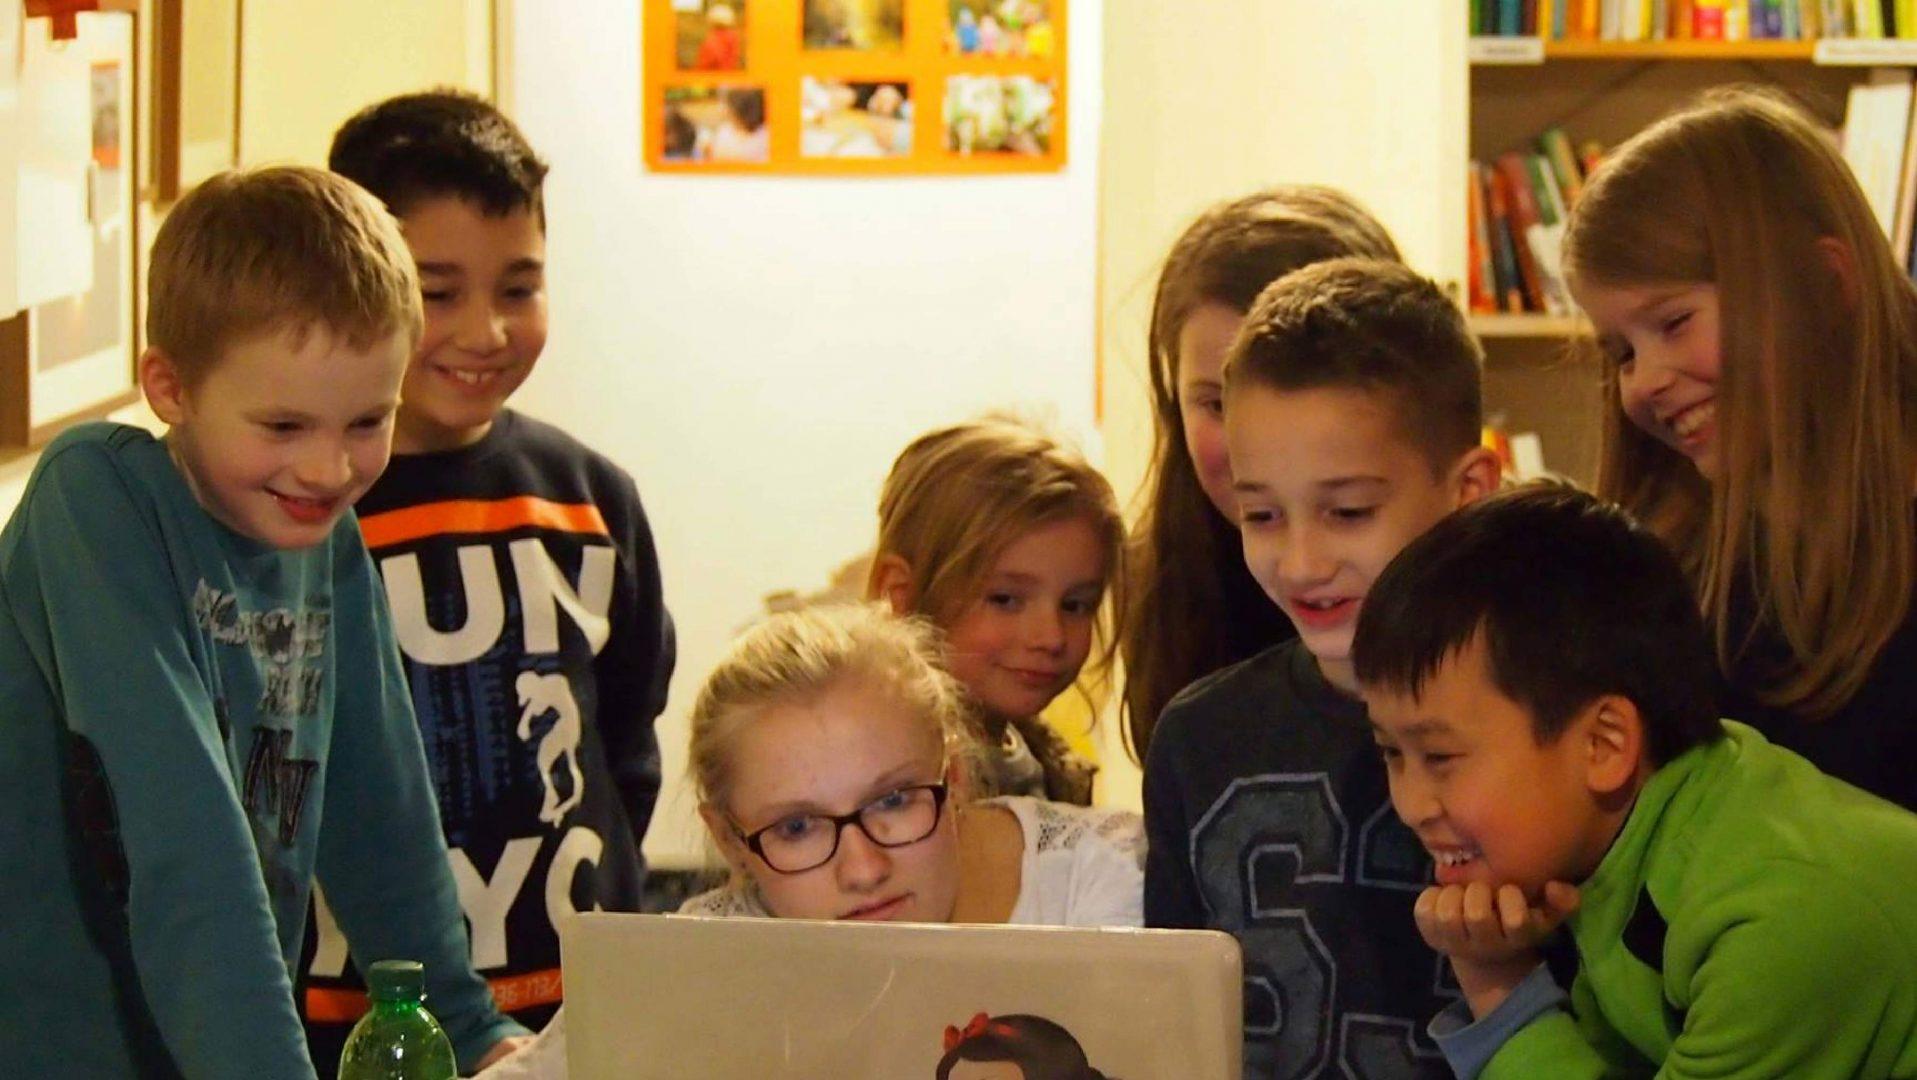 Mehrere Kinder stehen um einen Laptop herum. Sie lachen. Inklusives Medienprojekt des Indiwi Berlins.